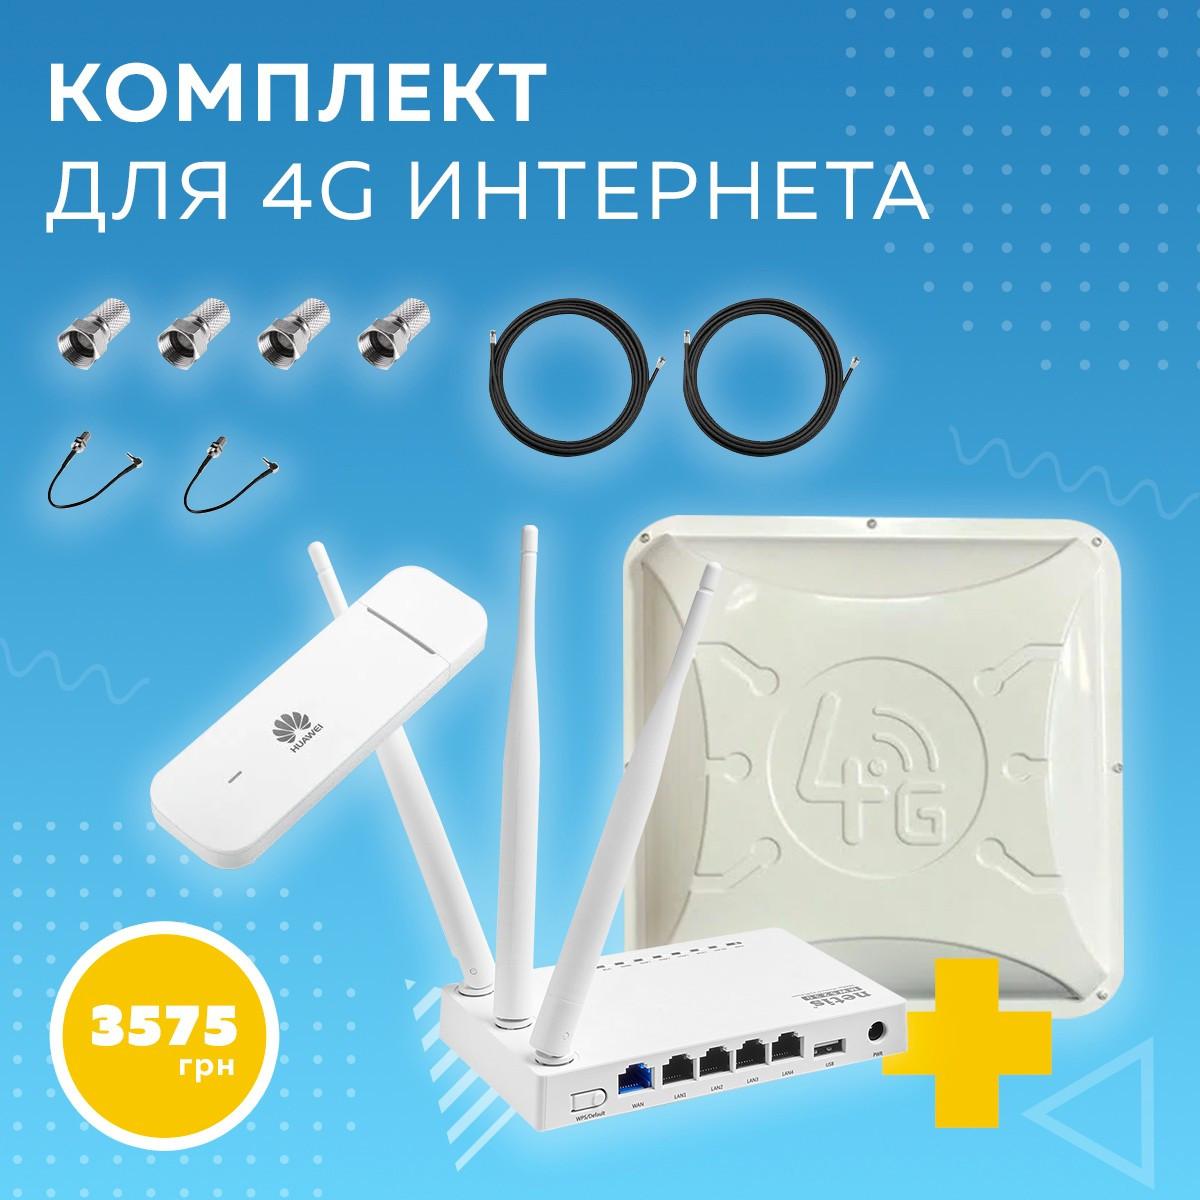 Комплект  Alta для 4G  интернета